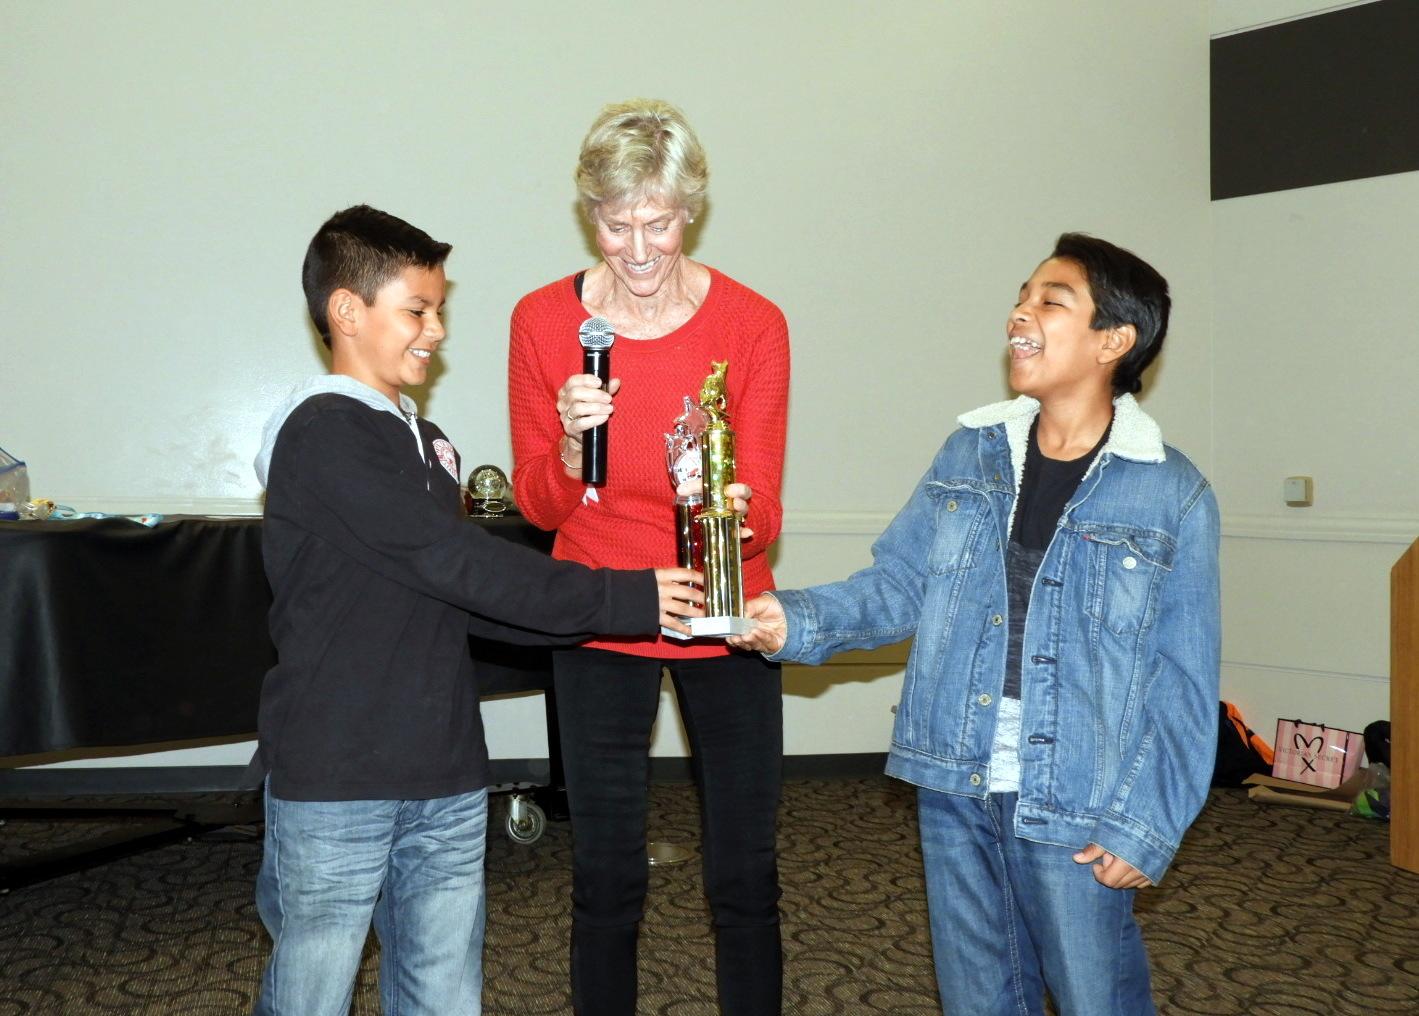 Boys-trophy